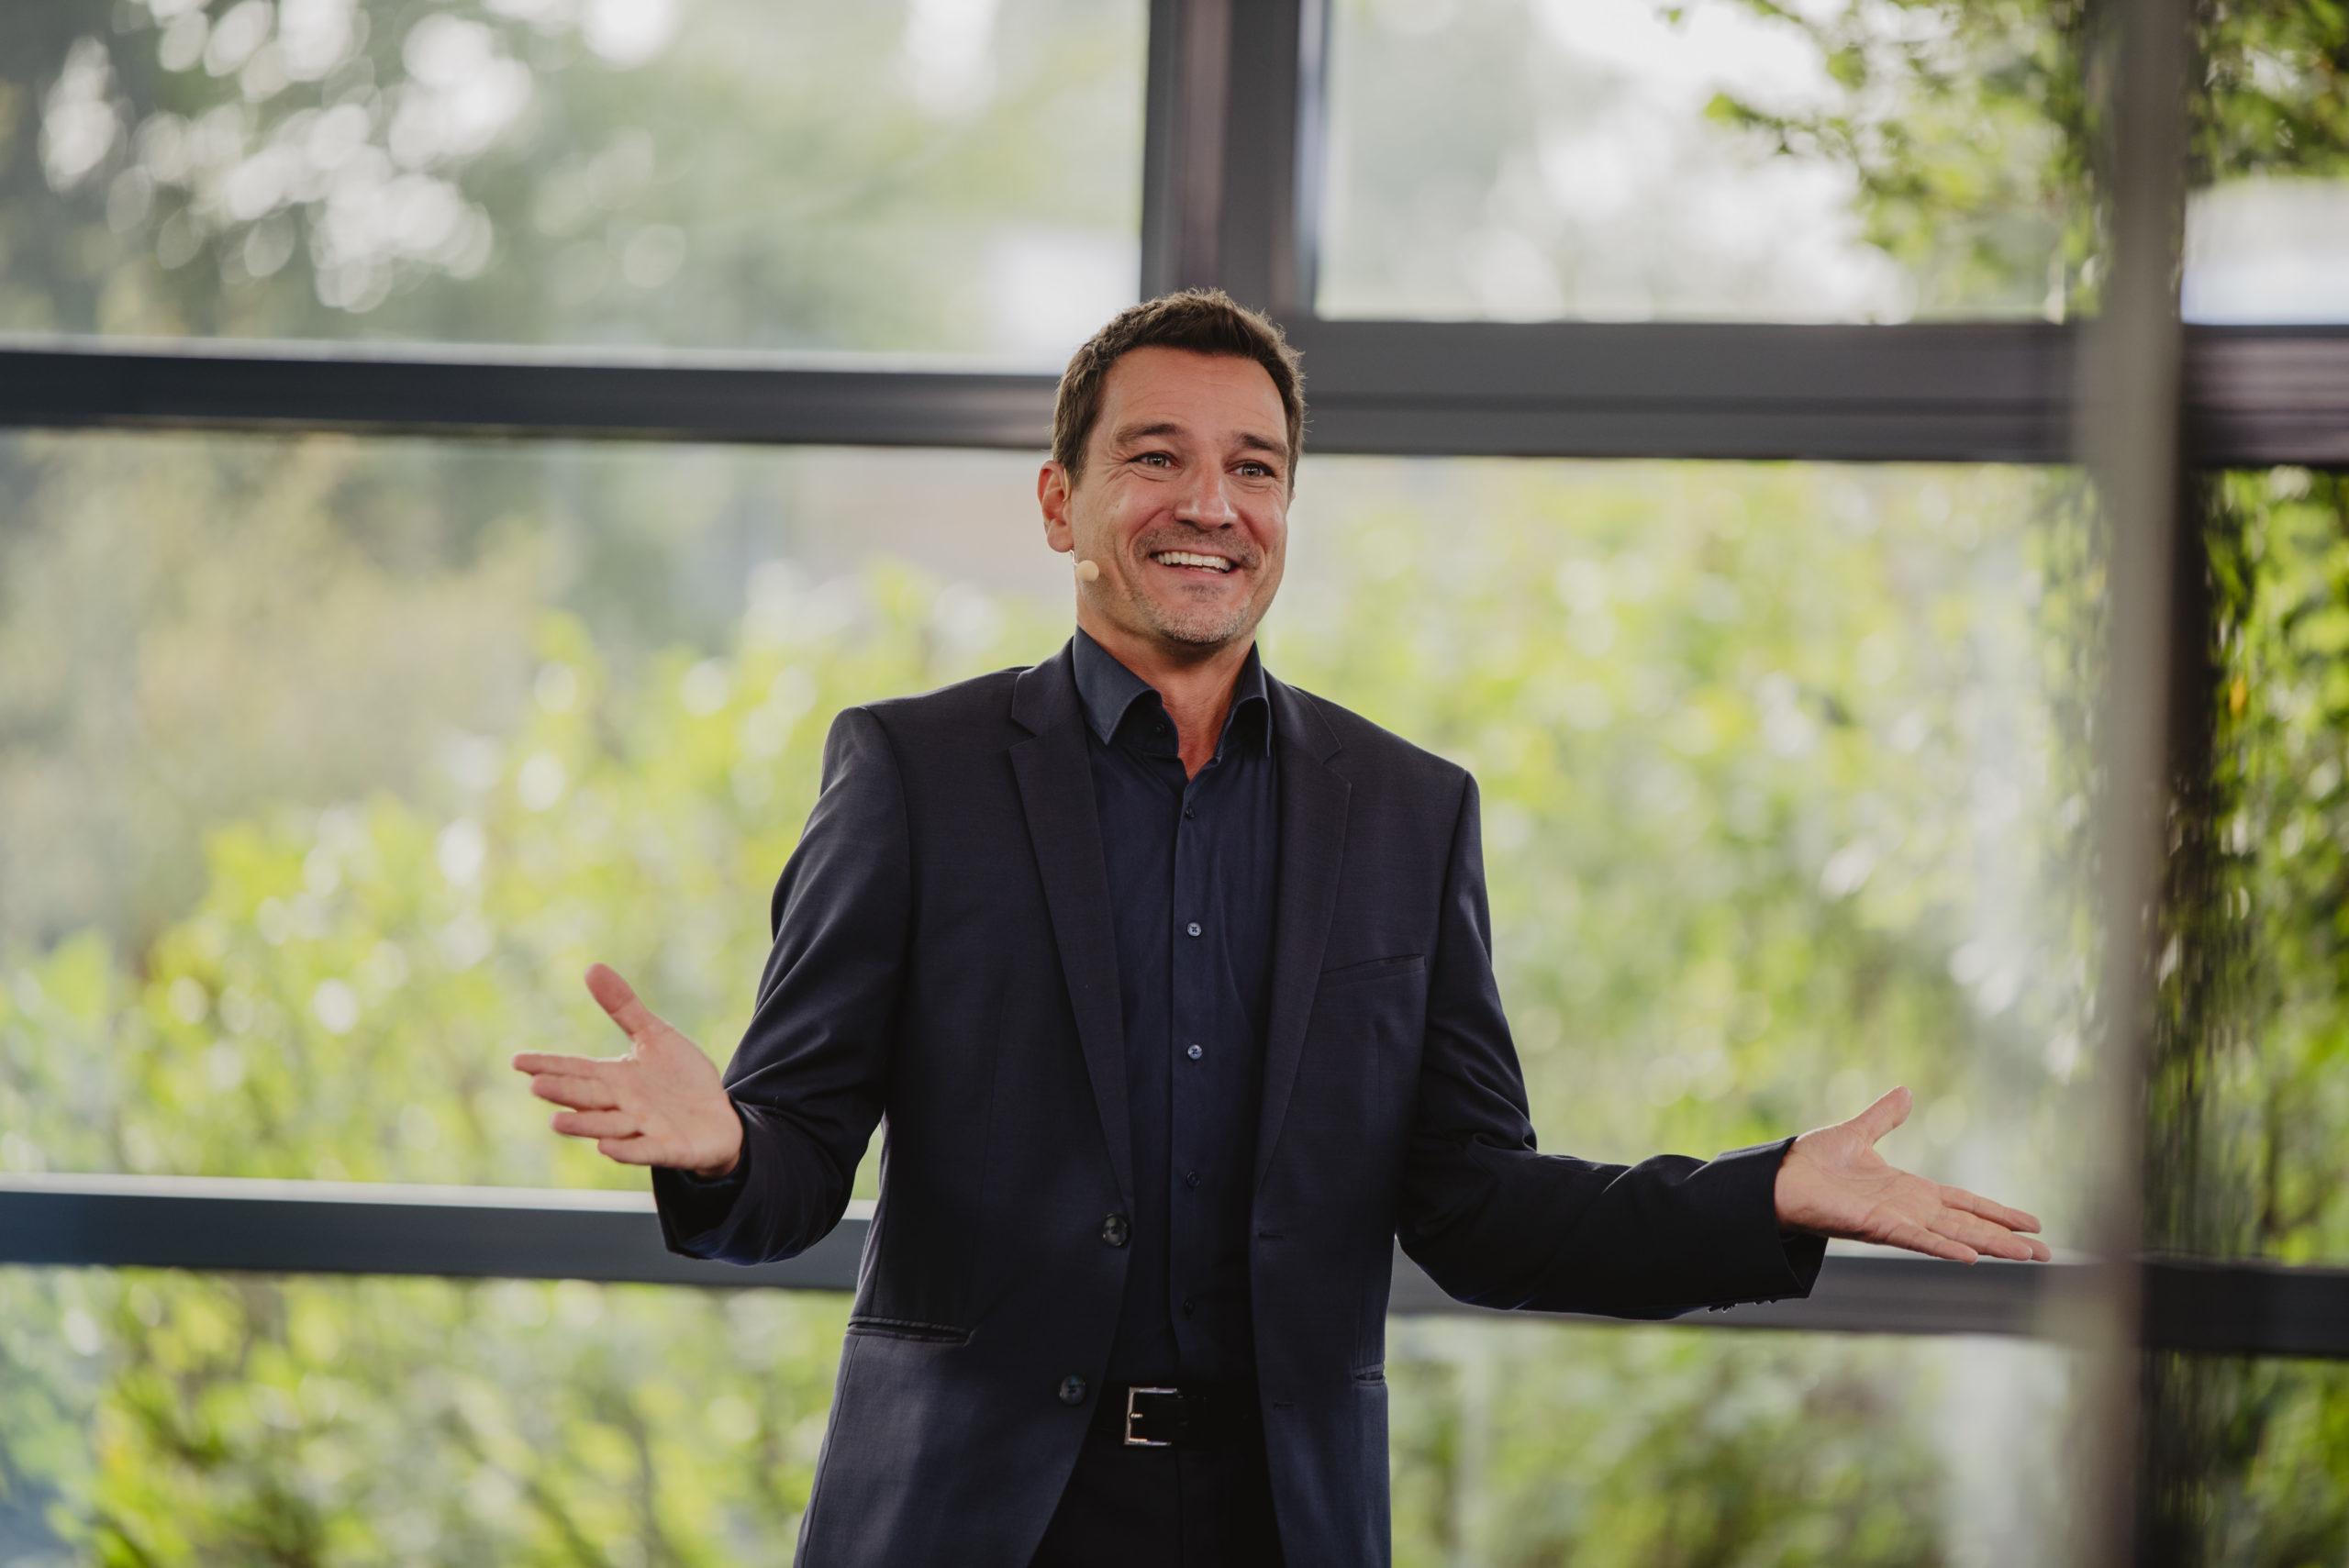 Körpersprache-Experte Thorsten Havener erklärte anschaulich, wie man Menschen nonverbal führt